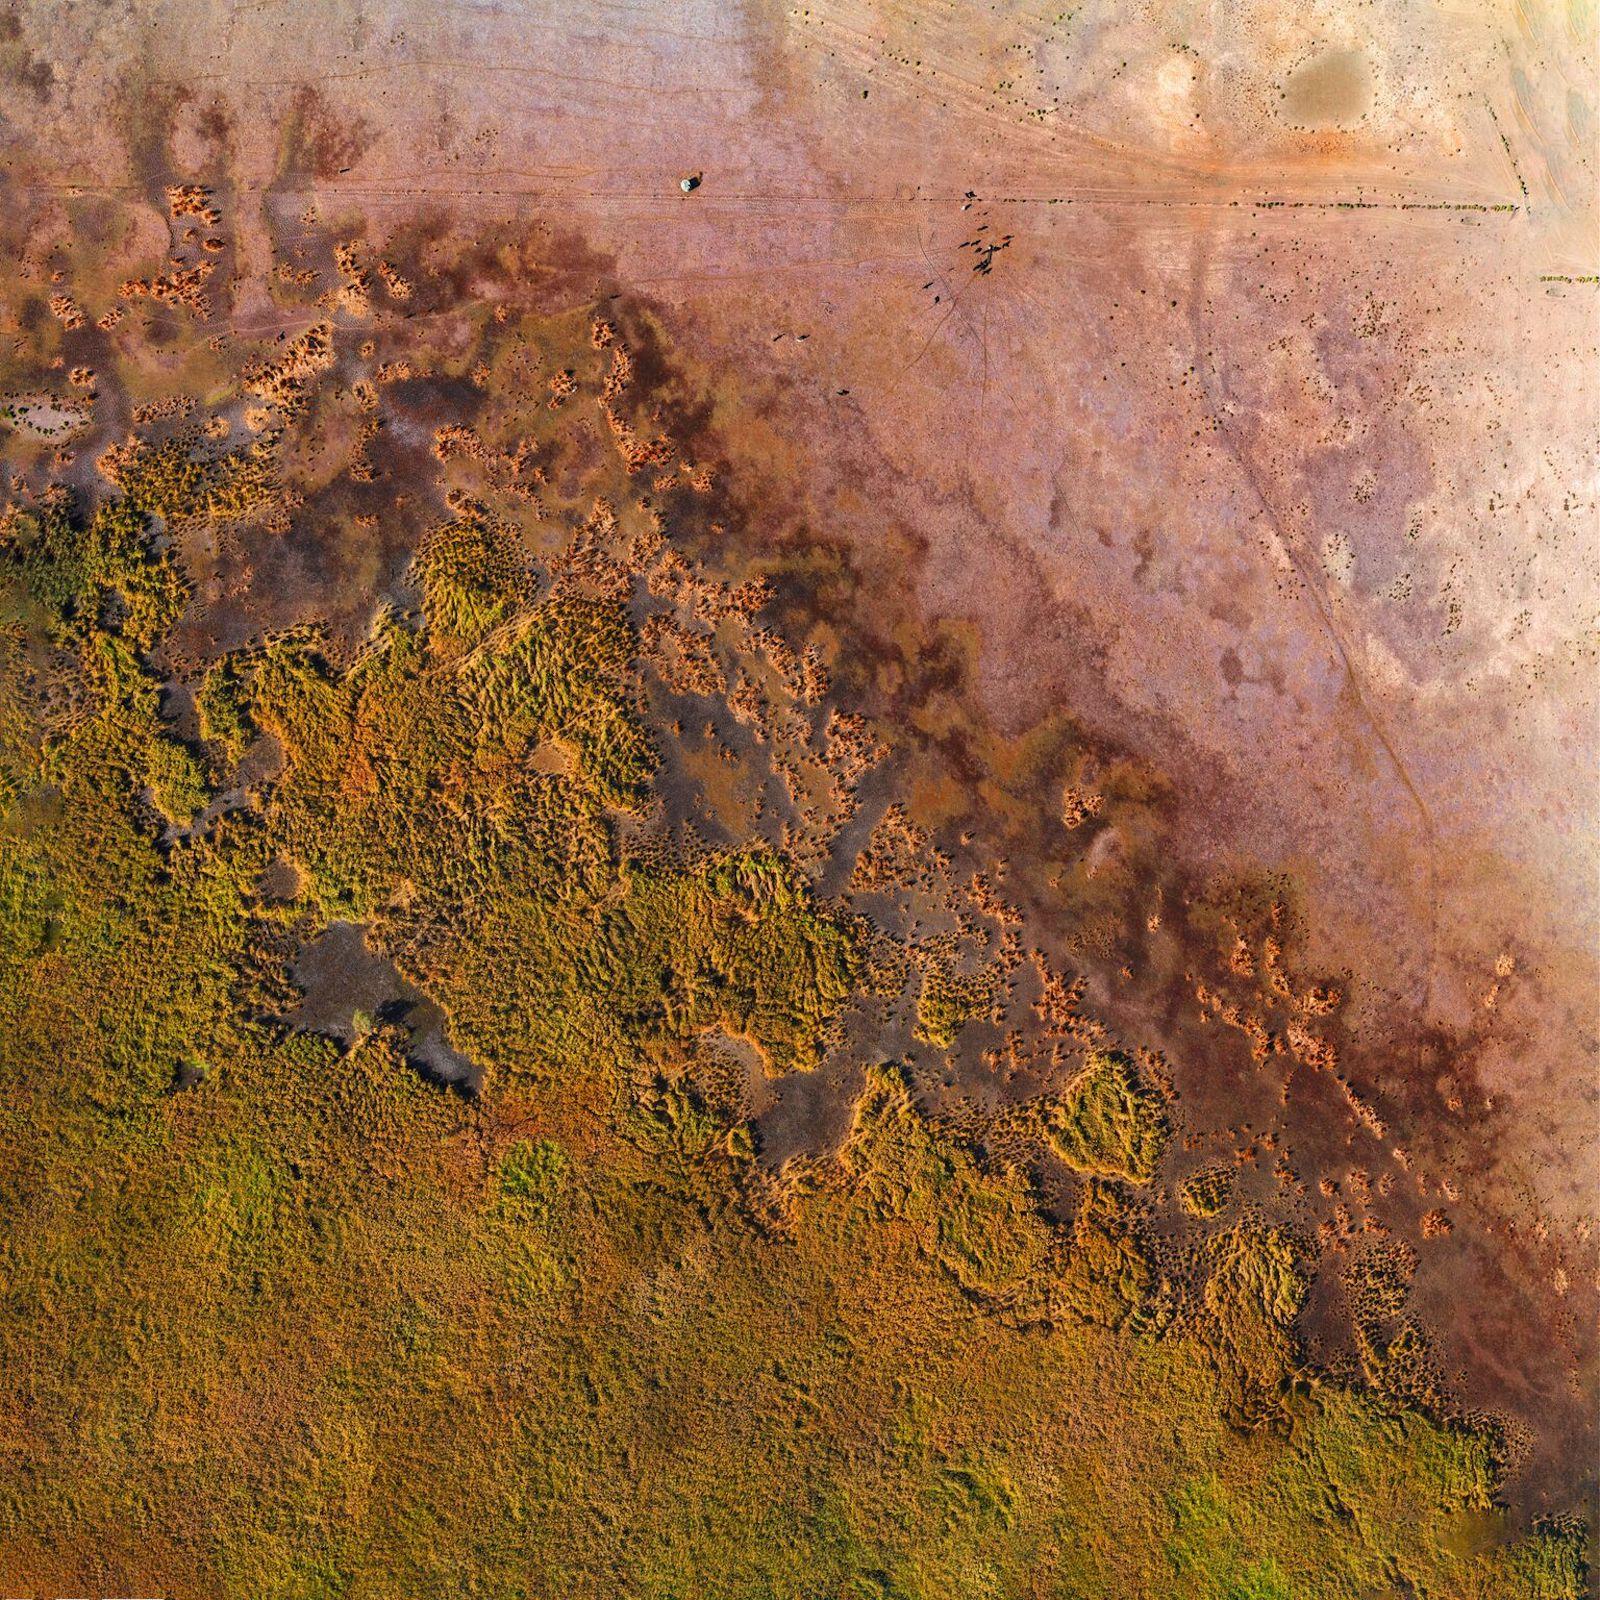 Watermarks, il progetto fotografico sulla siccità di Paul Harmon   Collater.al